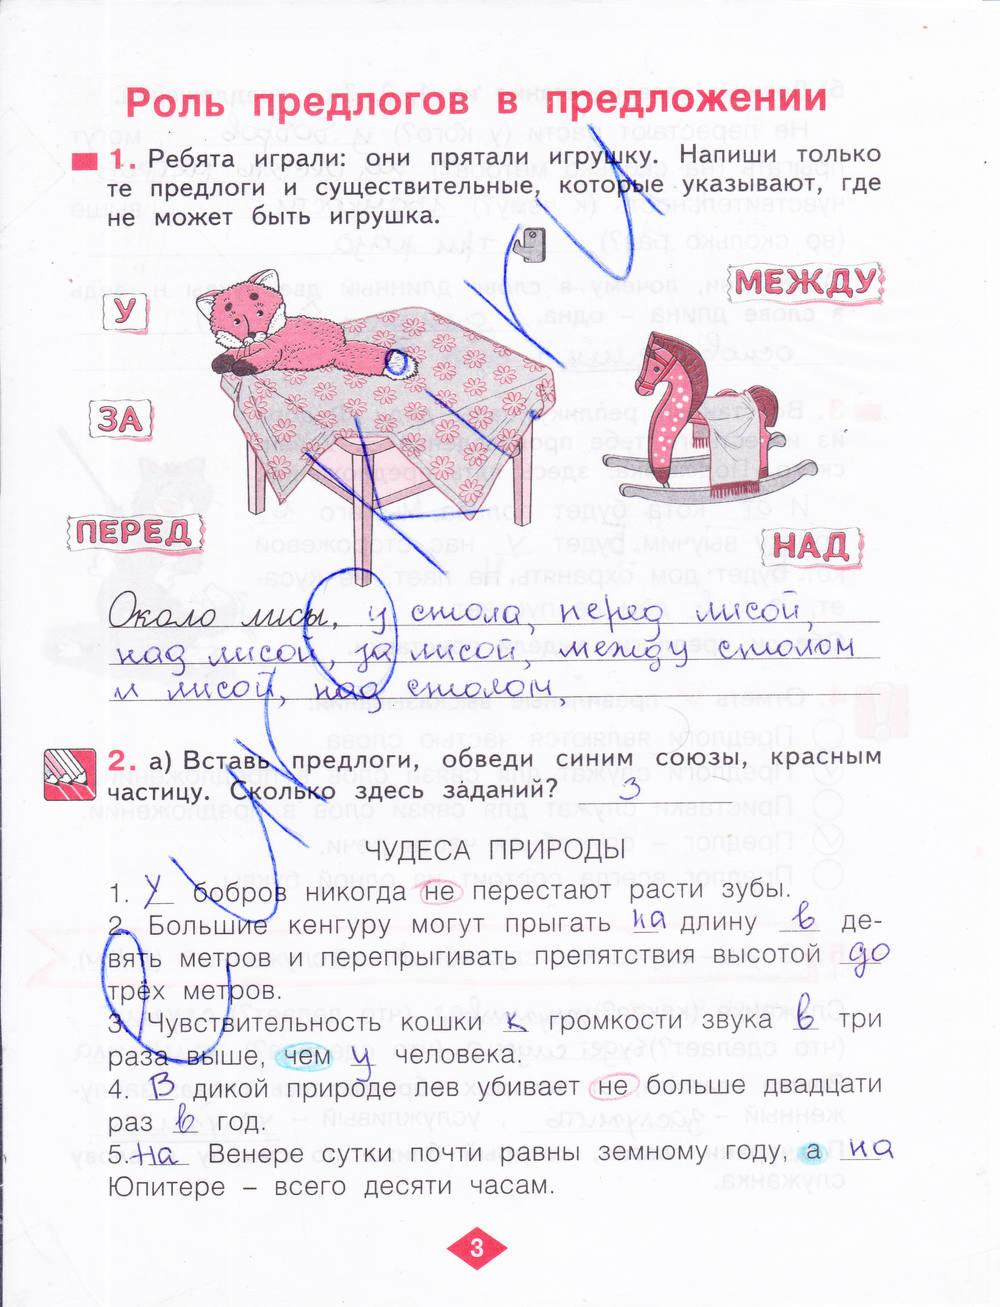 Решебник По Русскому 2 Класс 2 Часть Нечаева